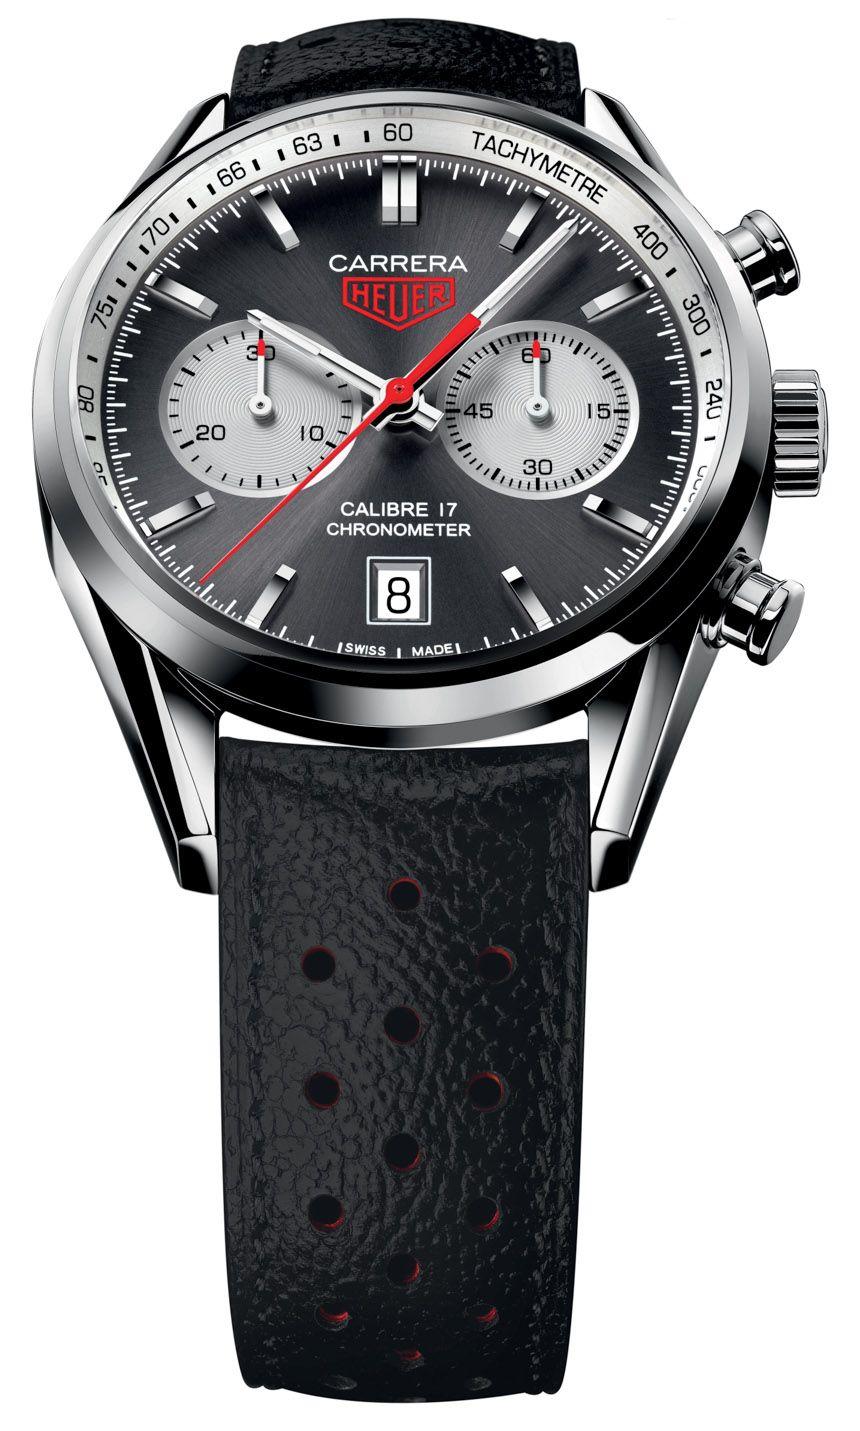 2da16208df1 TAG Heuer Carrera Calibre 17 Chronograph Boutique Special